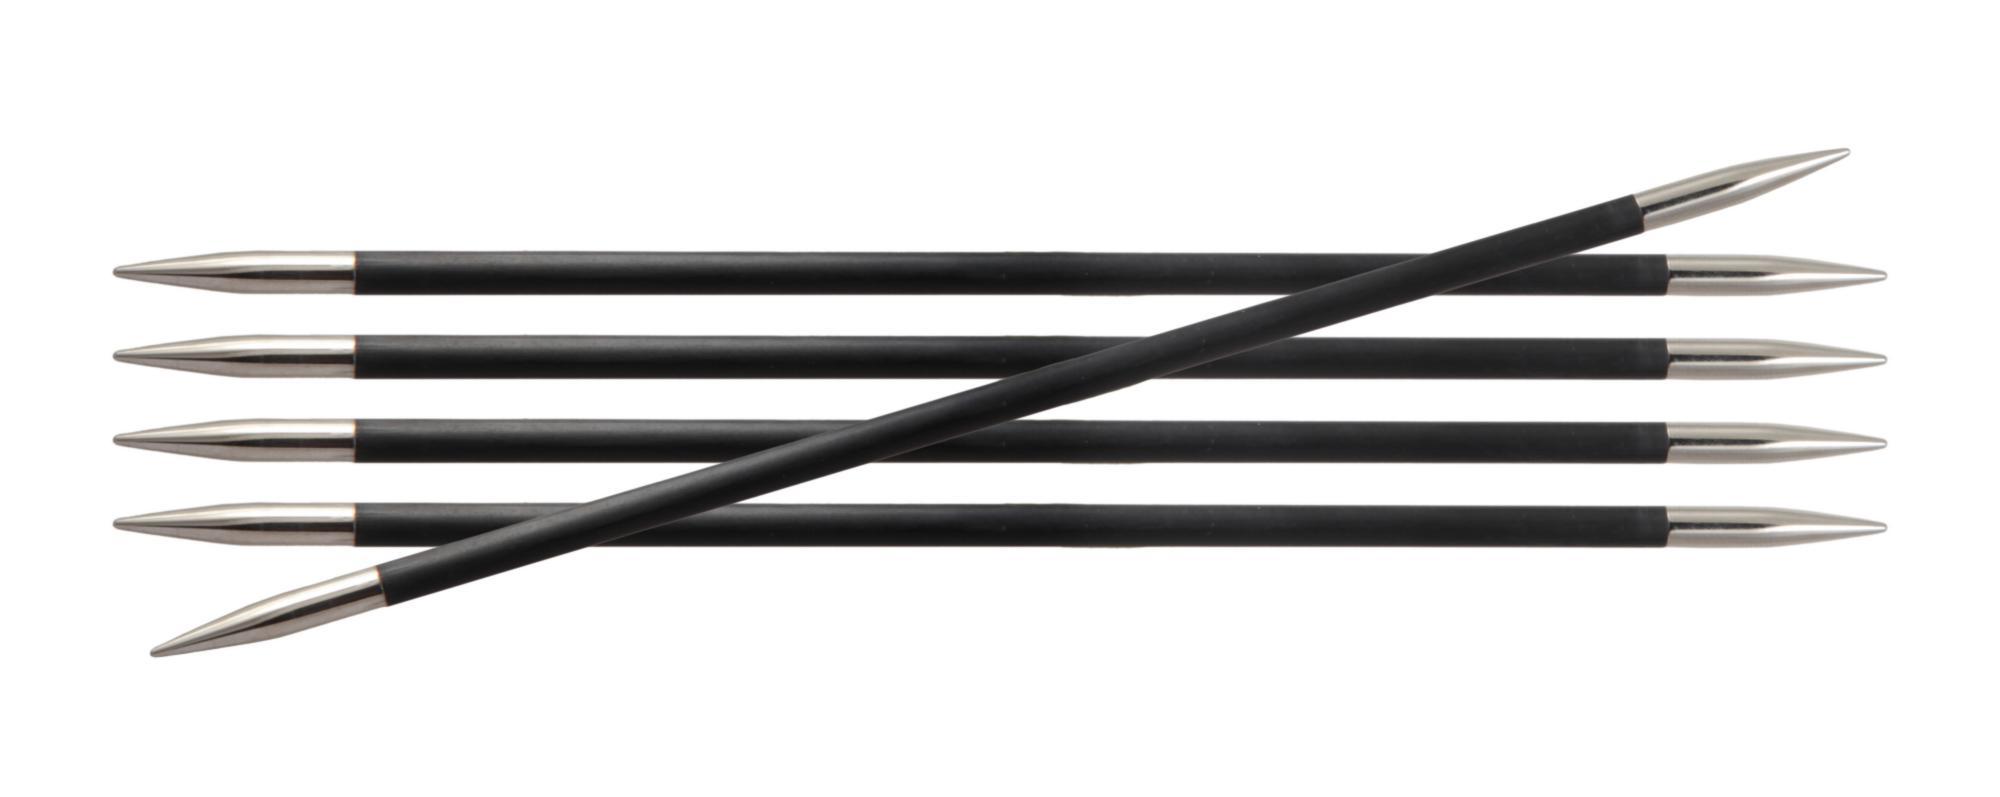 Спицы носочные 15 см Karbonz KnitPro, 41115, 5.00 мм